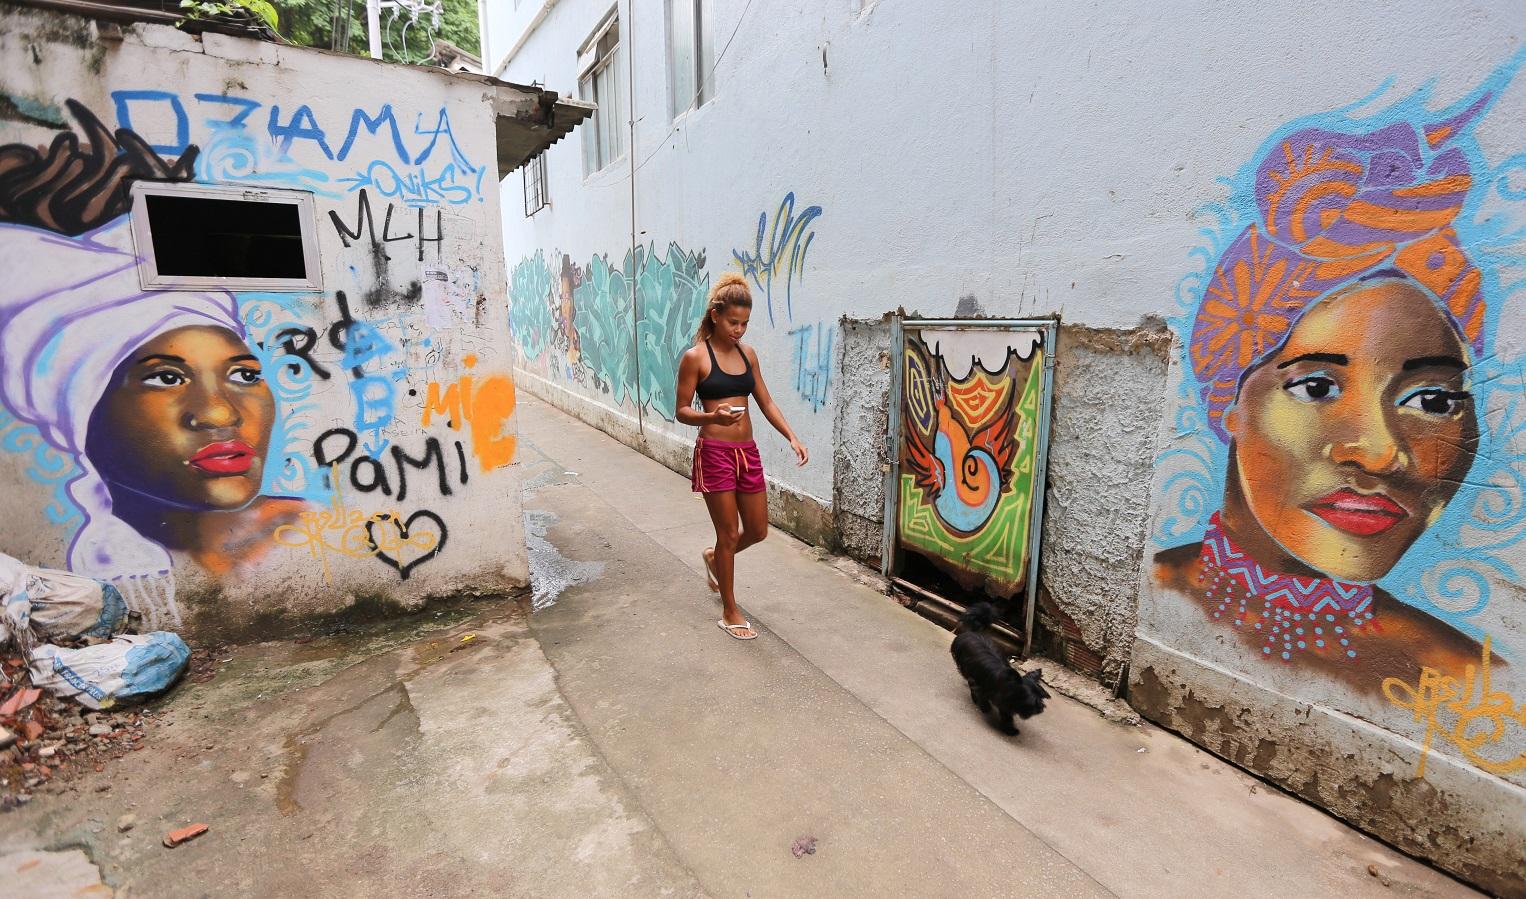 Em 2016 foram quase dez mil casos registrados de roubo de cargas. As favelas, da Zona Note à Zona Sul, são as mais prejudicadas com o desabastecimento. Foto de Tasso Marcelo/AFP